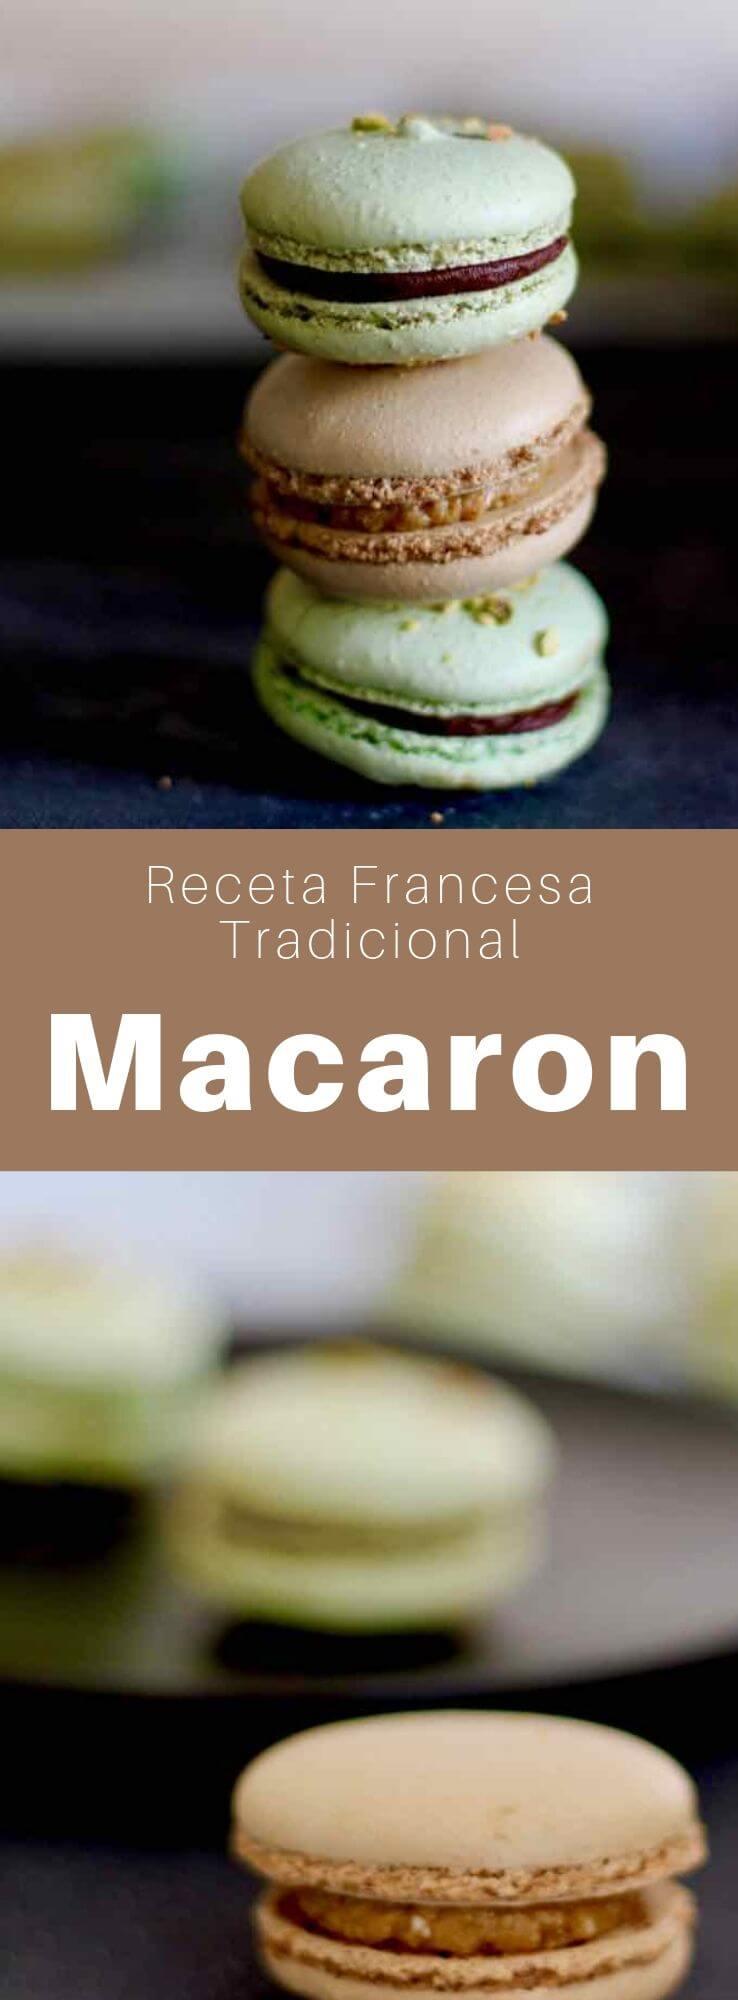 El macarón, conocido como macarón parisino, es una pequeña galleta a base de almendra, que se ha convertido en un pilar de la pastelería francesa.